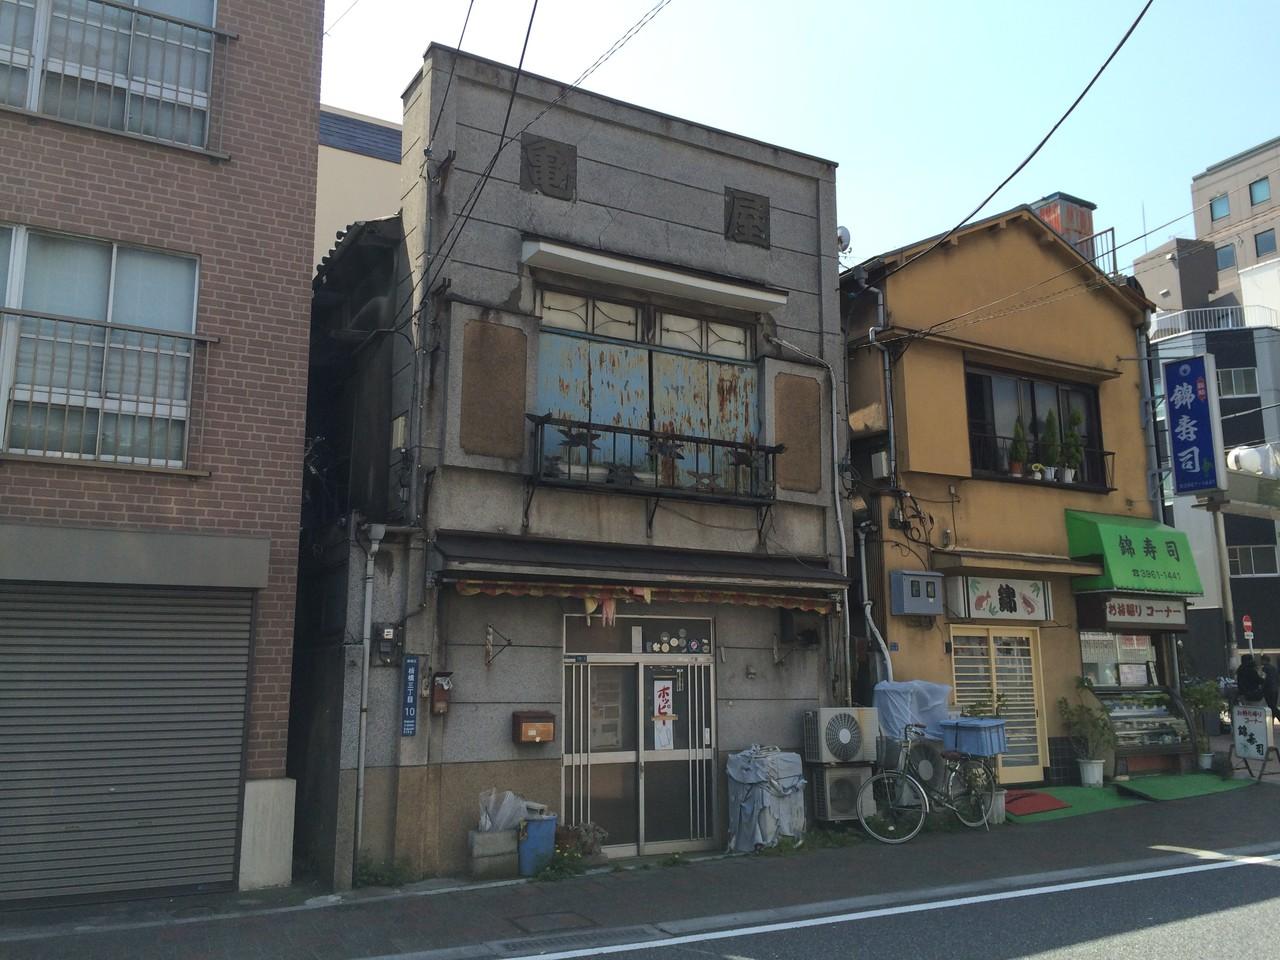 街訪 板橋区仲宿(宿場町に通ずる路地探訪) : すえちゅうの休日